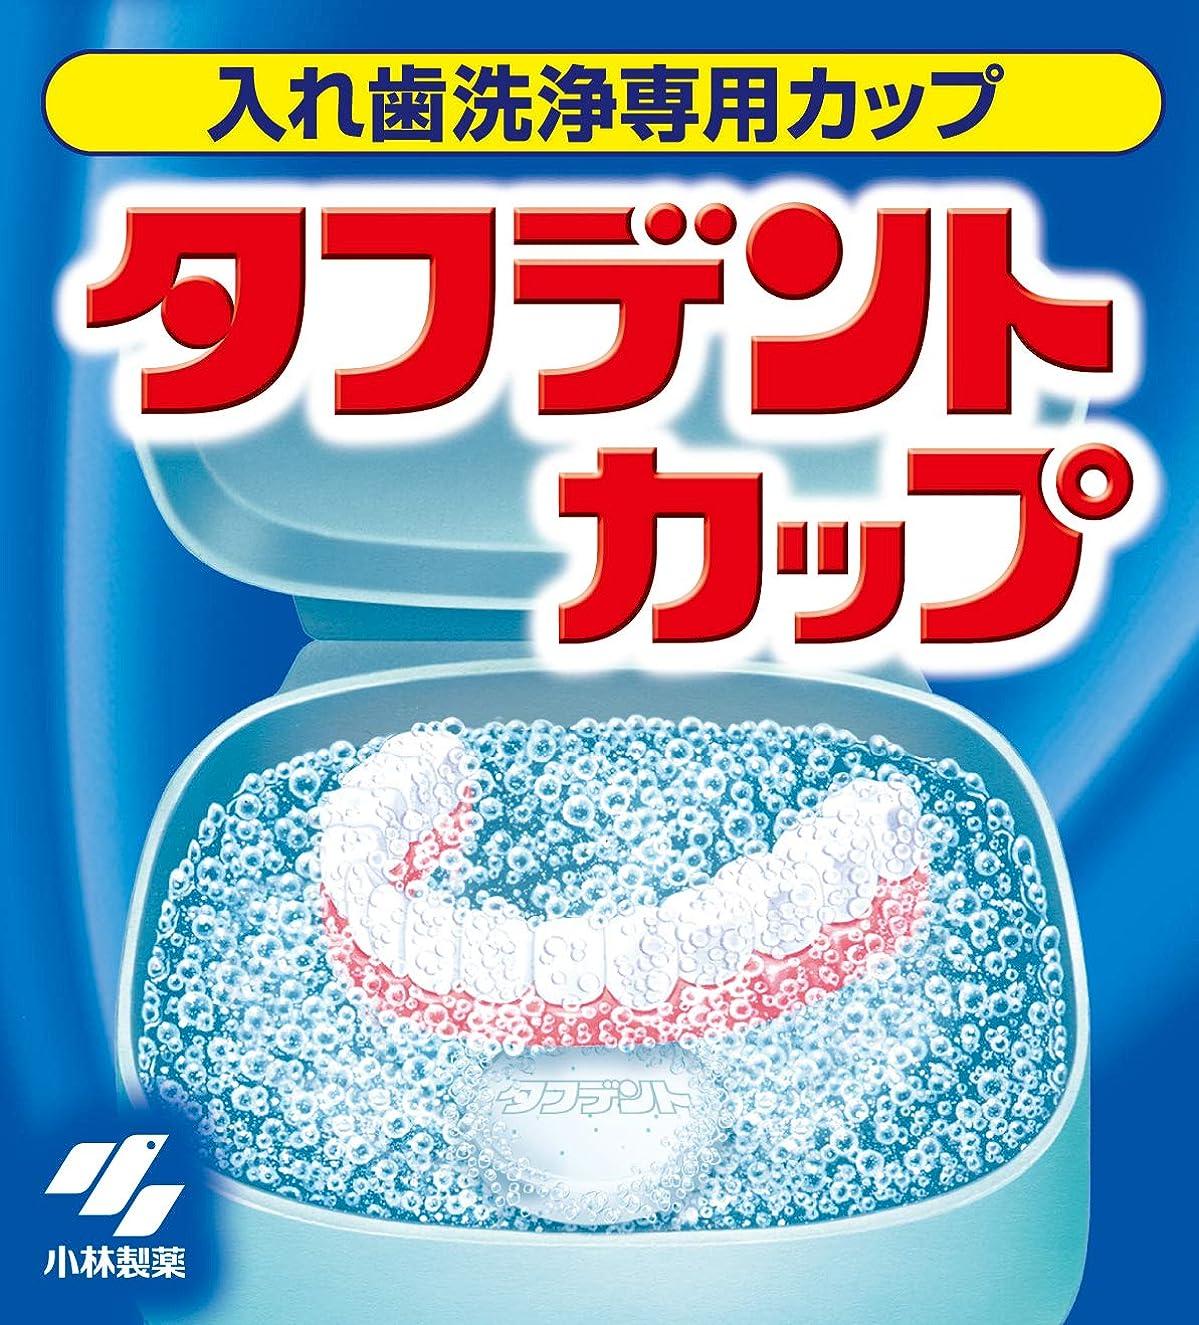 どこかマッシュかすかなタフデントカップ 入れ歯洗浄専用カップ